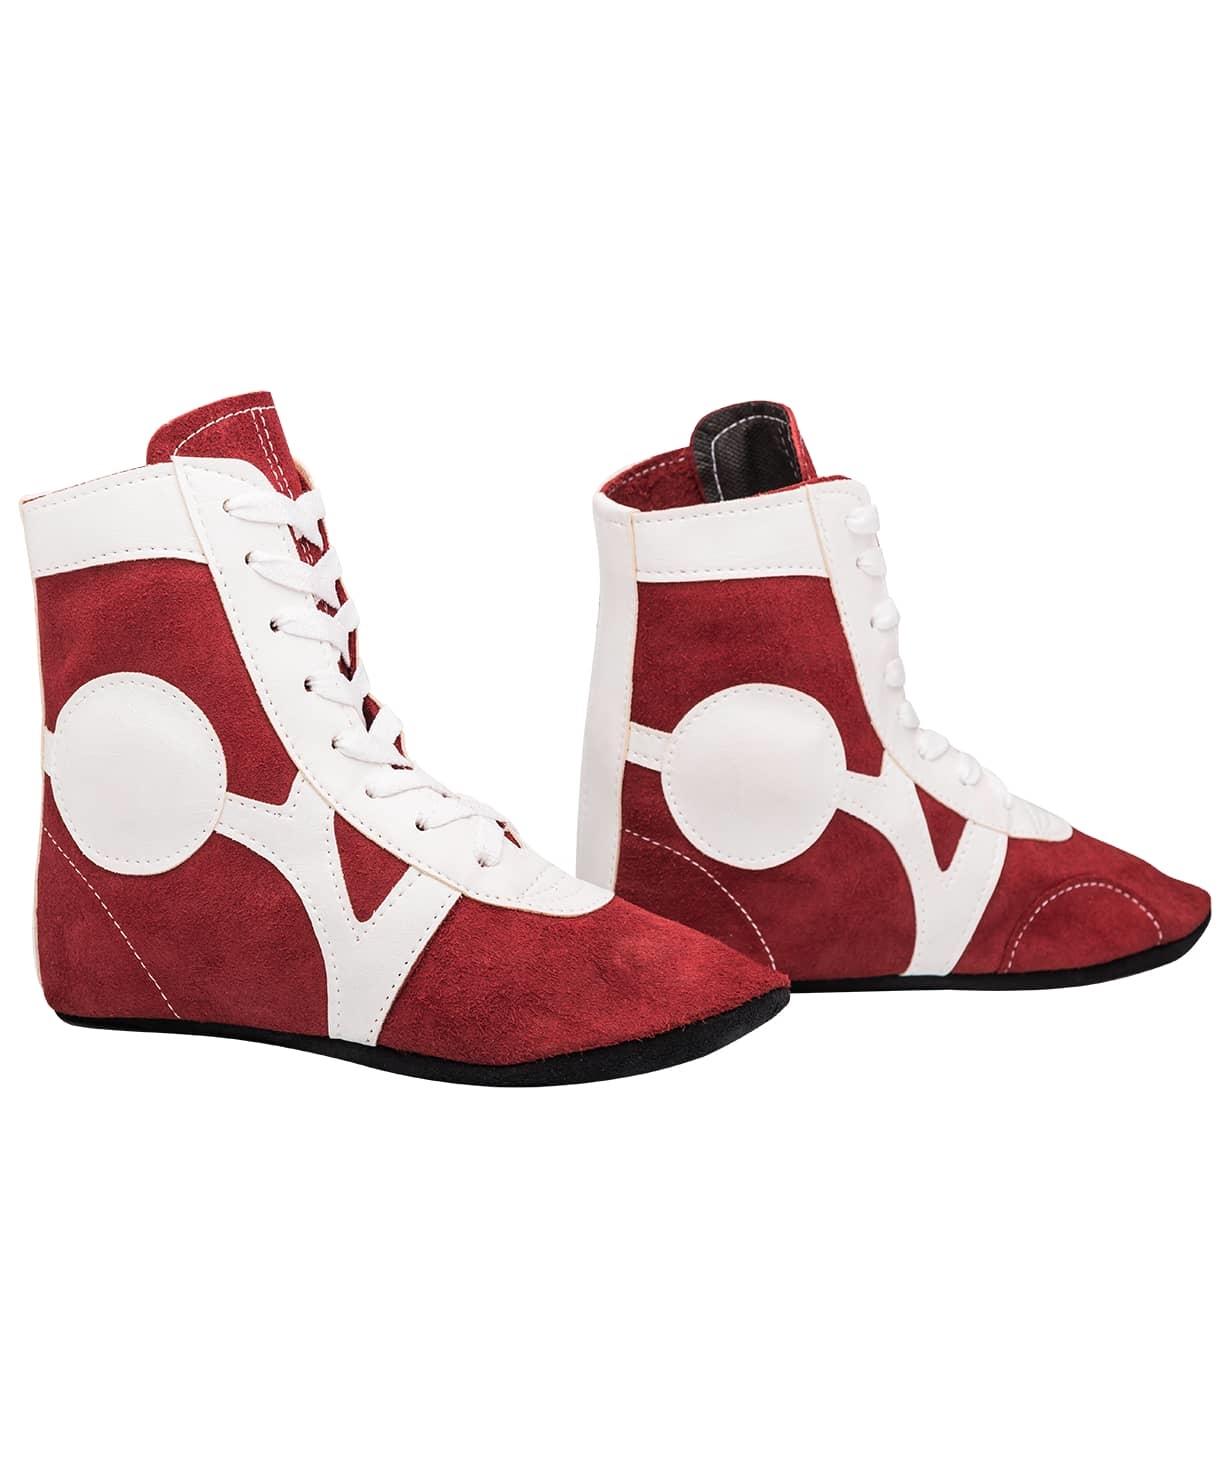 Обувь для самбо RS001/2, замша, красный